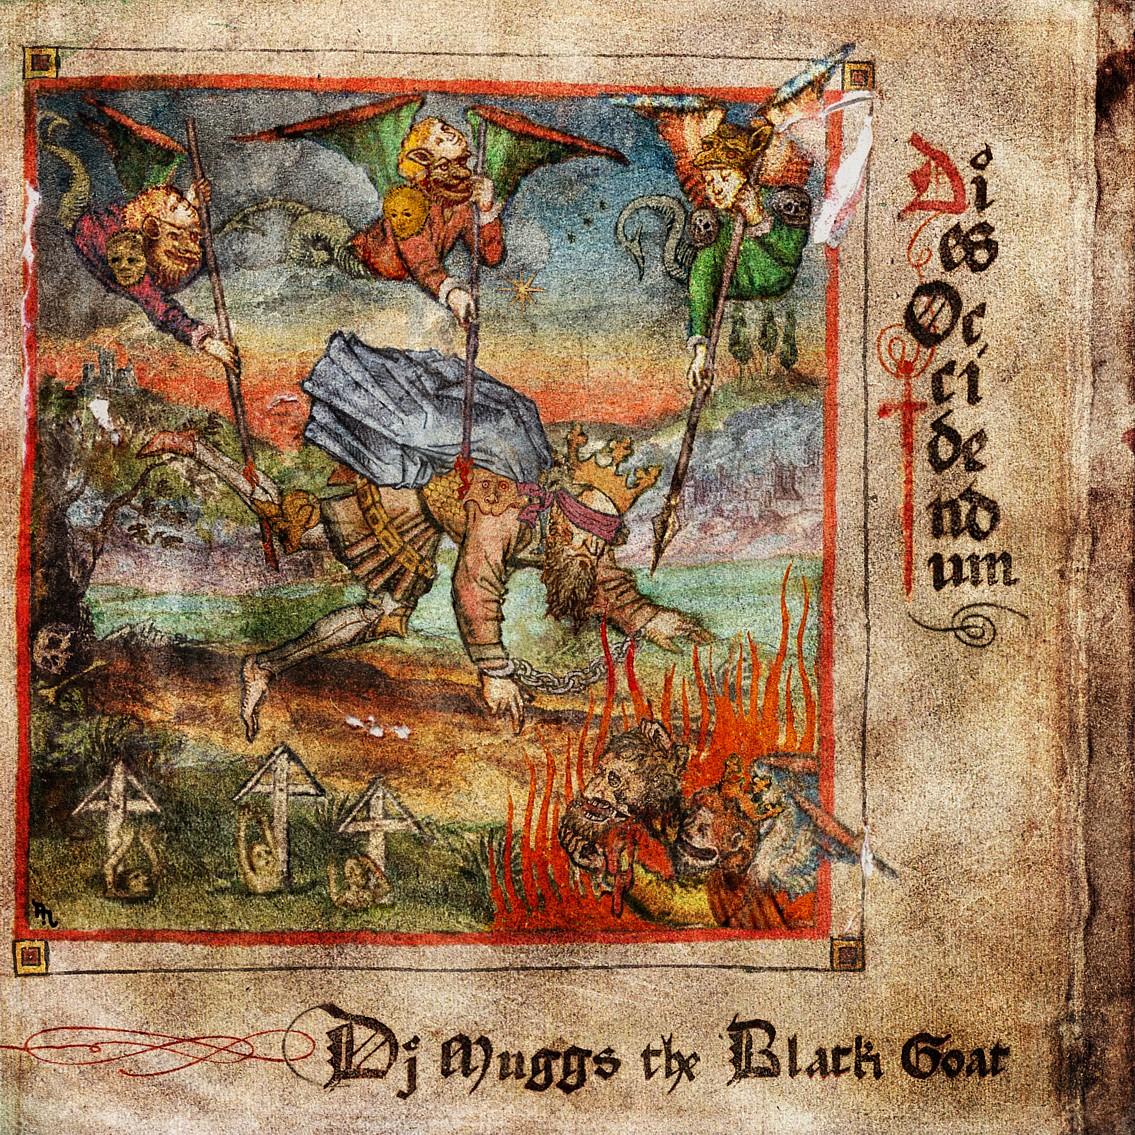 Dj Muggs the Black Goat - Diesoccidendum